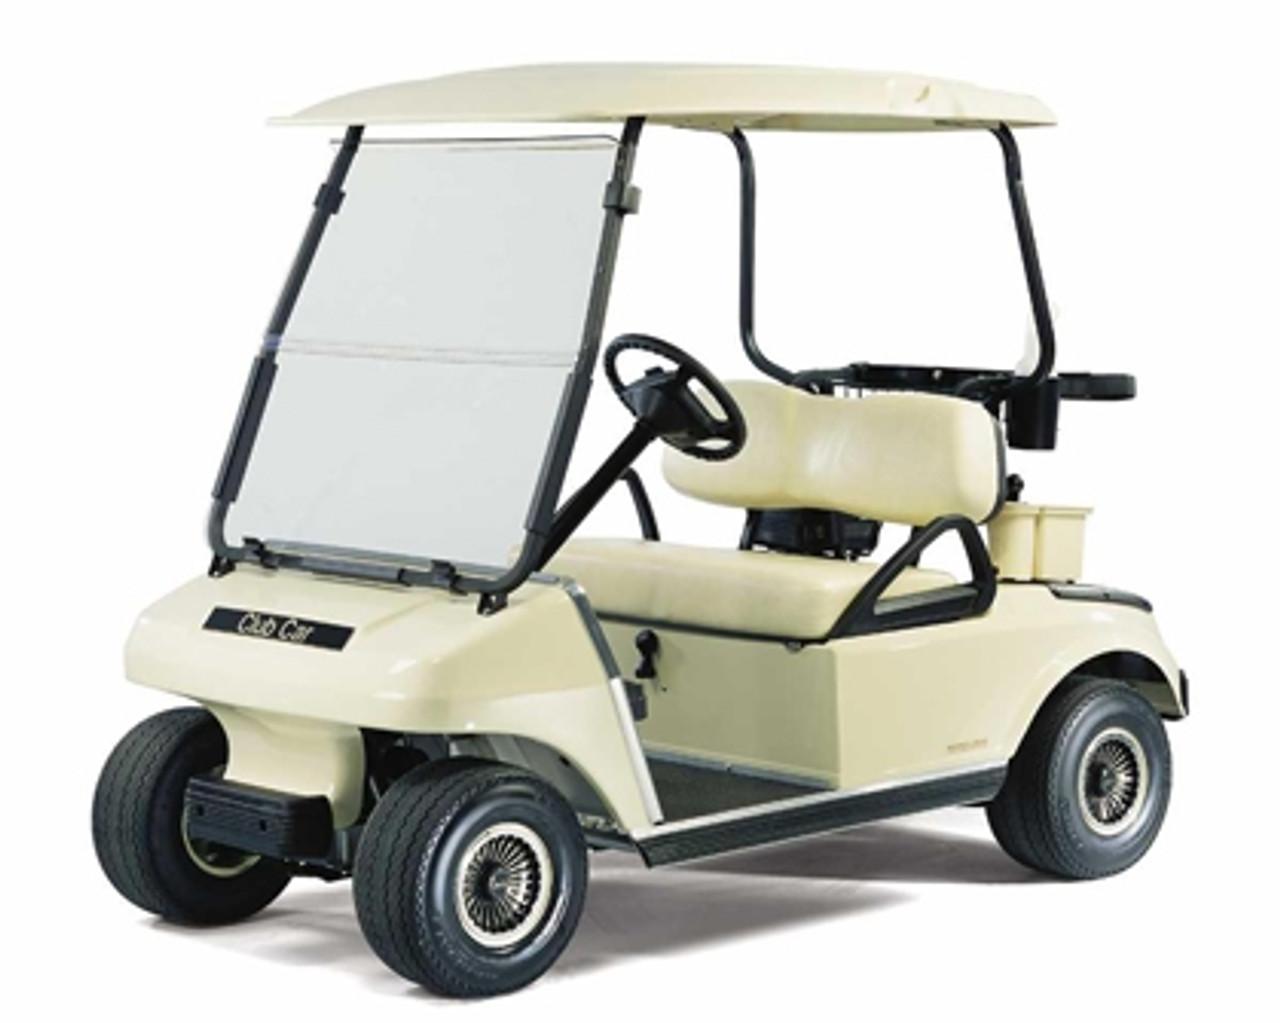 DIY Golf Cart Bumpers & Brush Guards - Price Match Guarantee Diy Golf Carts on fishing golf cart, 10 inch wheels for golf cart, gardening golf cart, homemade golf cart, fun golf cart, printable golf cart, sport golf cart, someecards golf cart, cars golf cart, wood golf cart, easter golf cart, humor golf cart, fitness golf cart, home improvement golf cart, bohemian golf cart, storage golf cart, pinterest golf cart, green golf cart, diy trailer, outdoor golf cart,